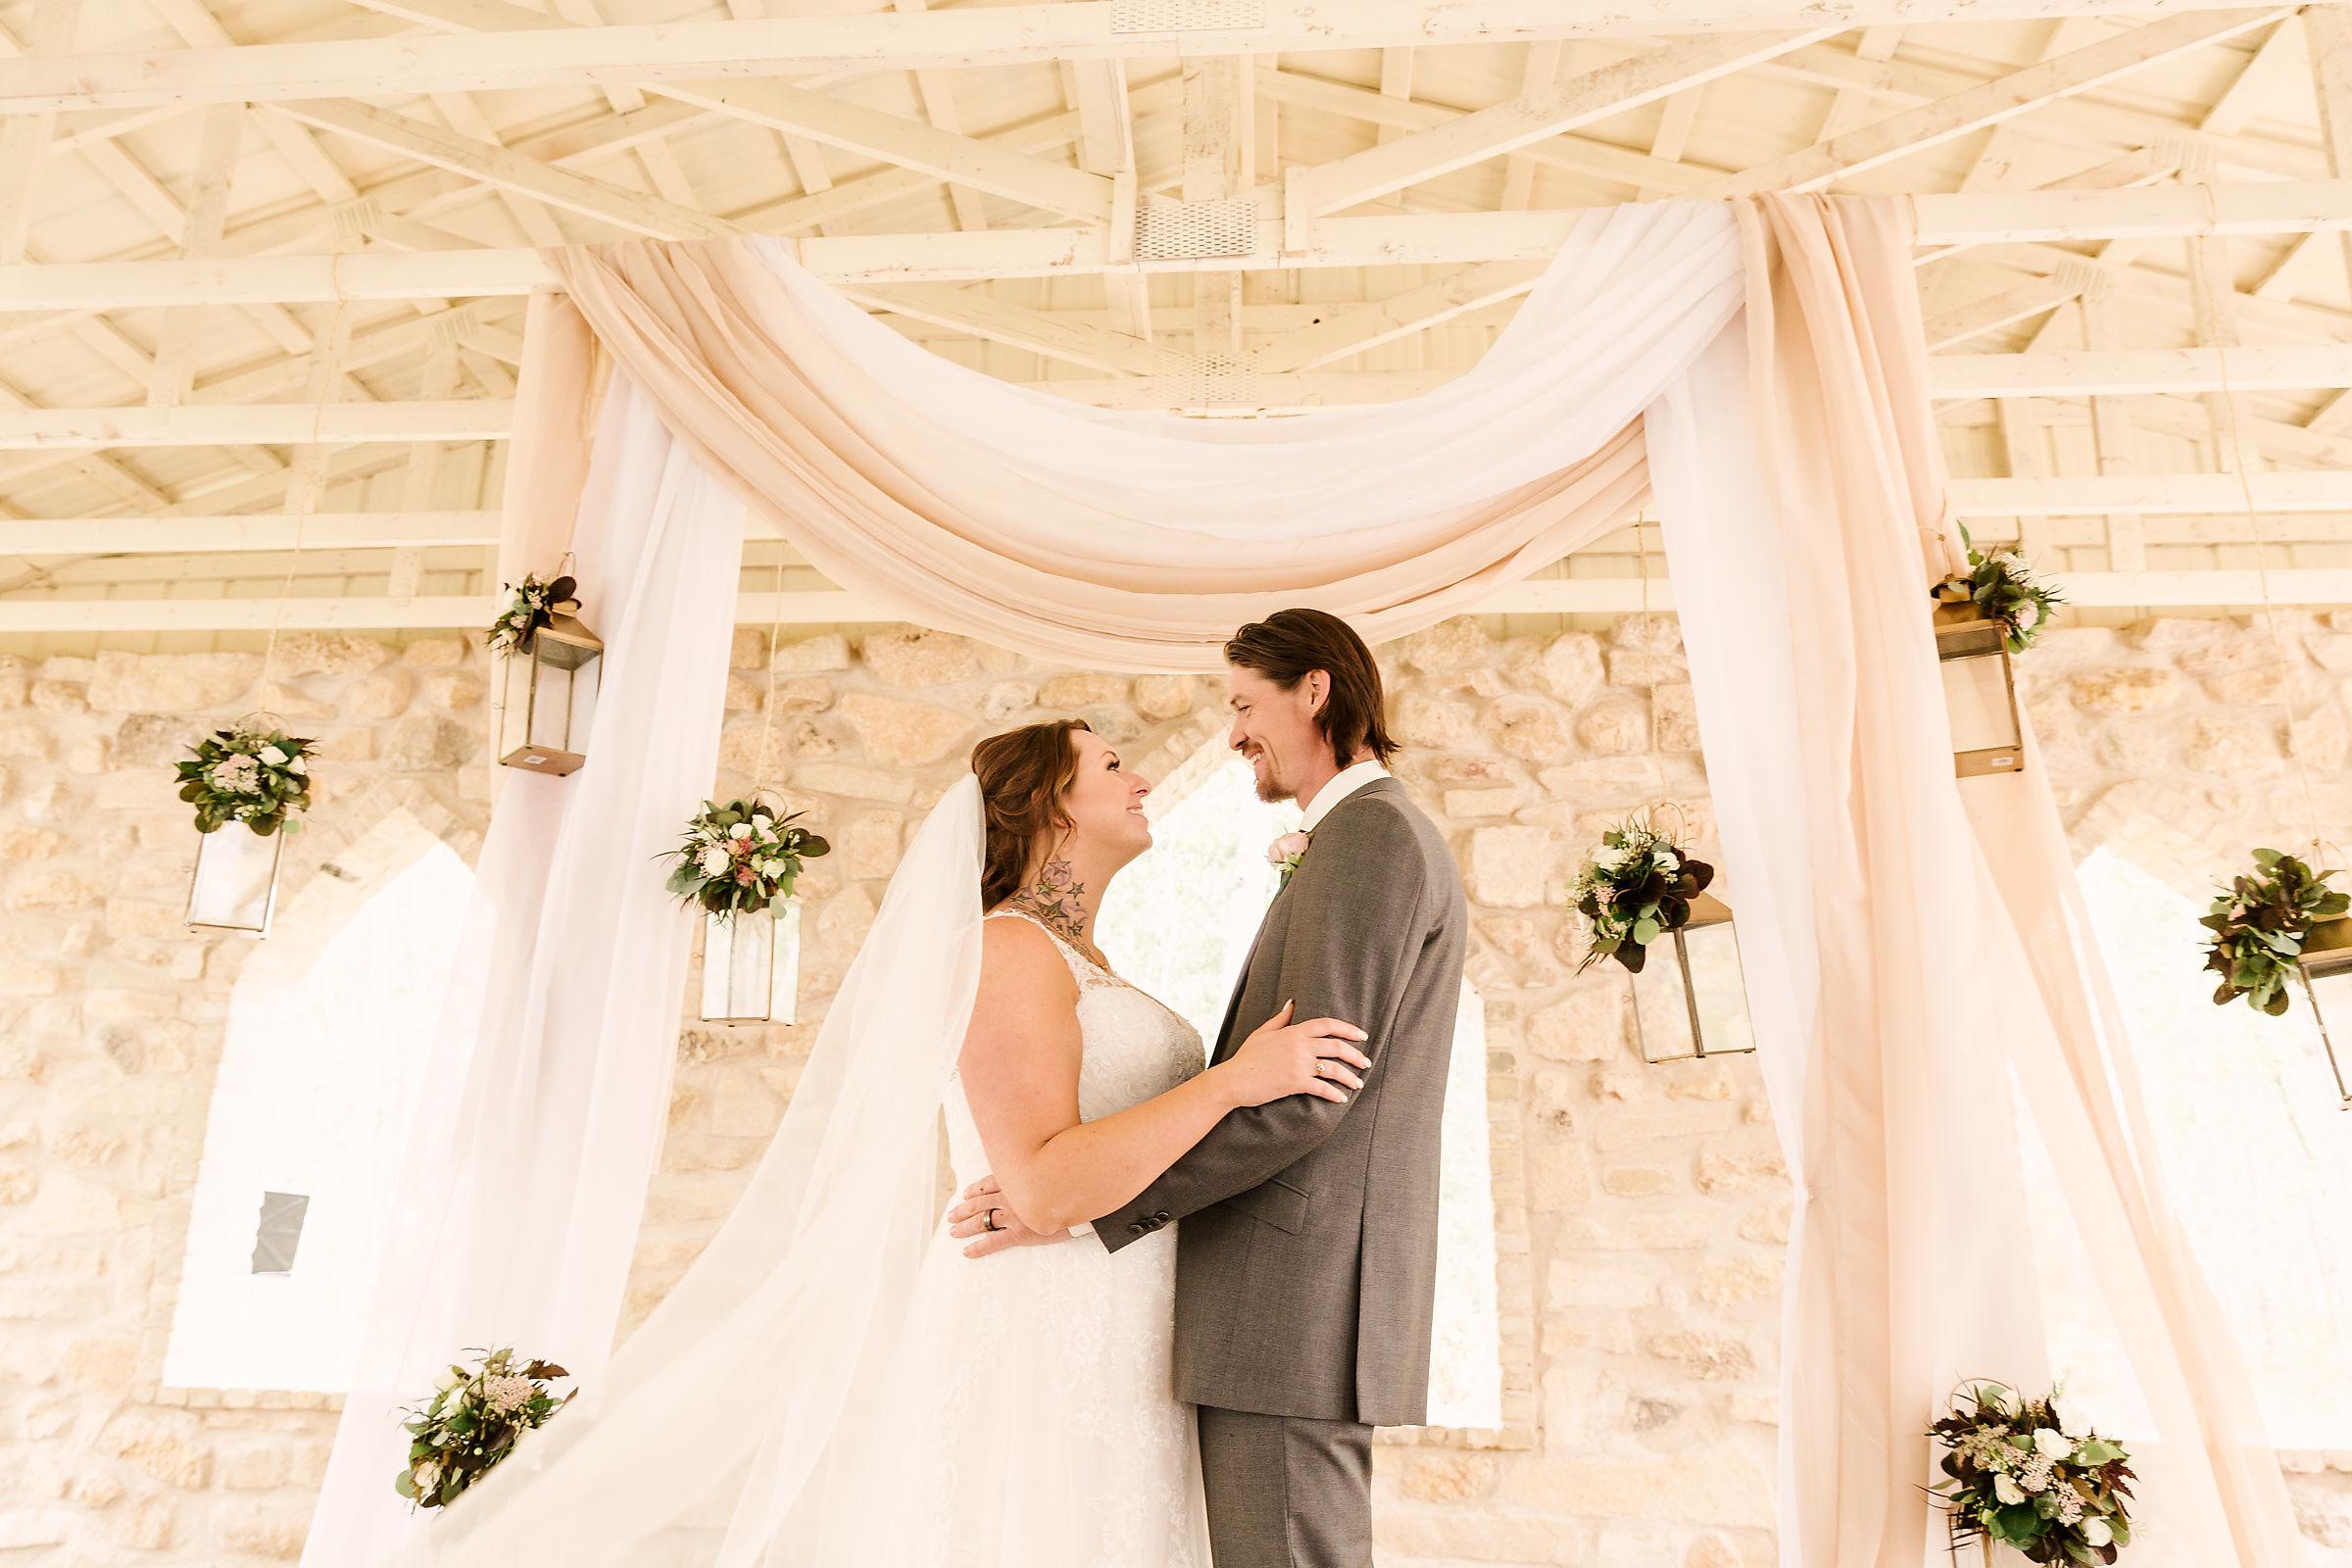 Wedding at Cielo's Garden - Hanging Floral Decor